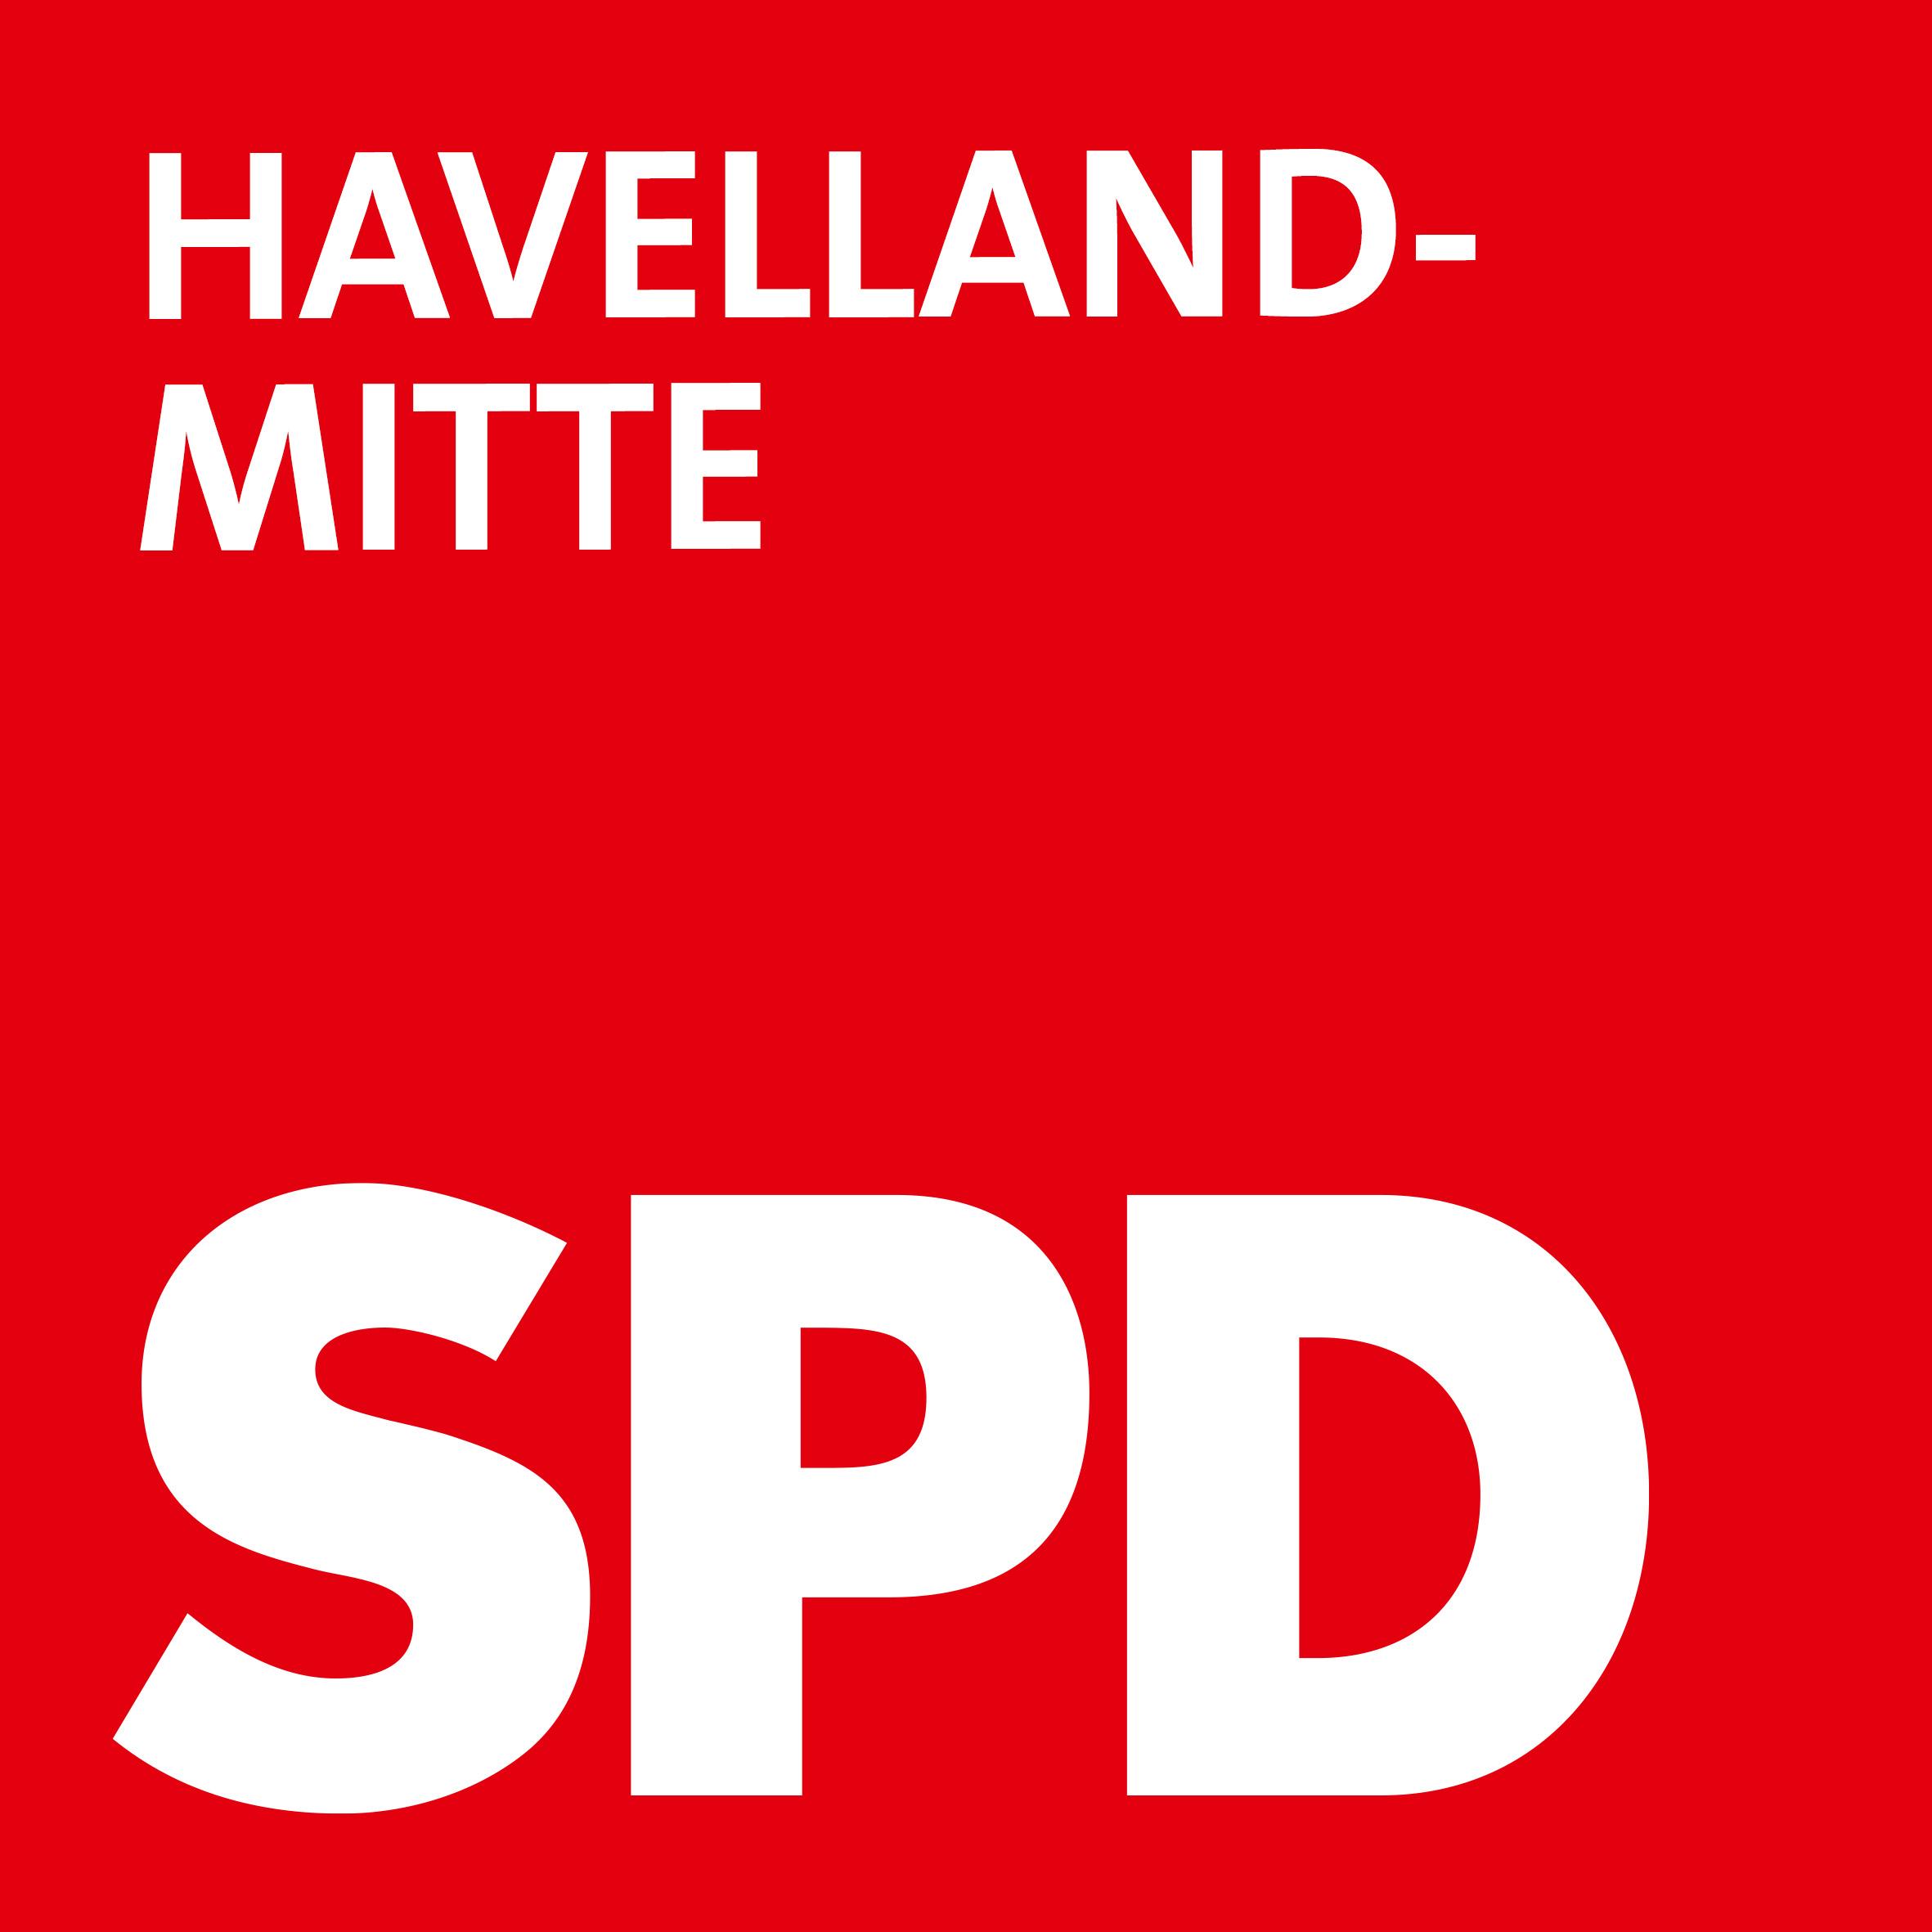 SPD Havelland-Mitte